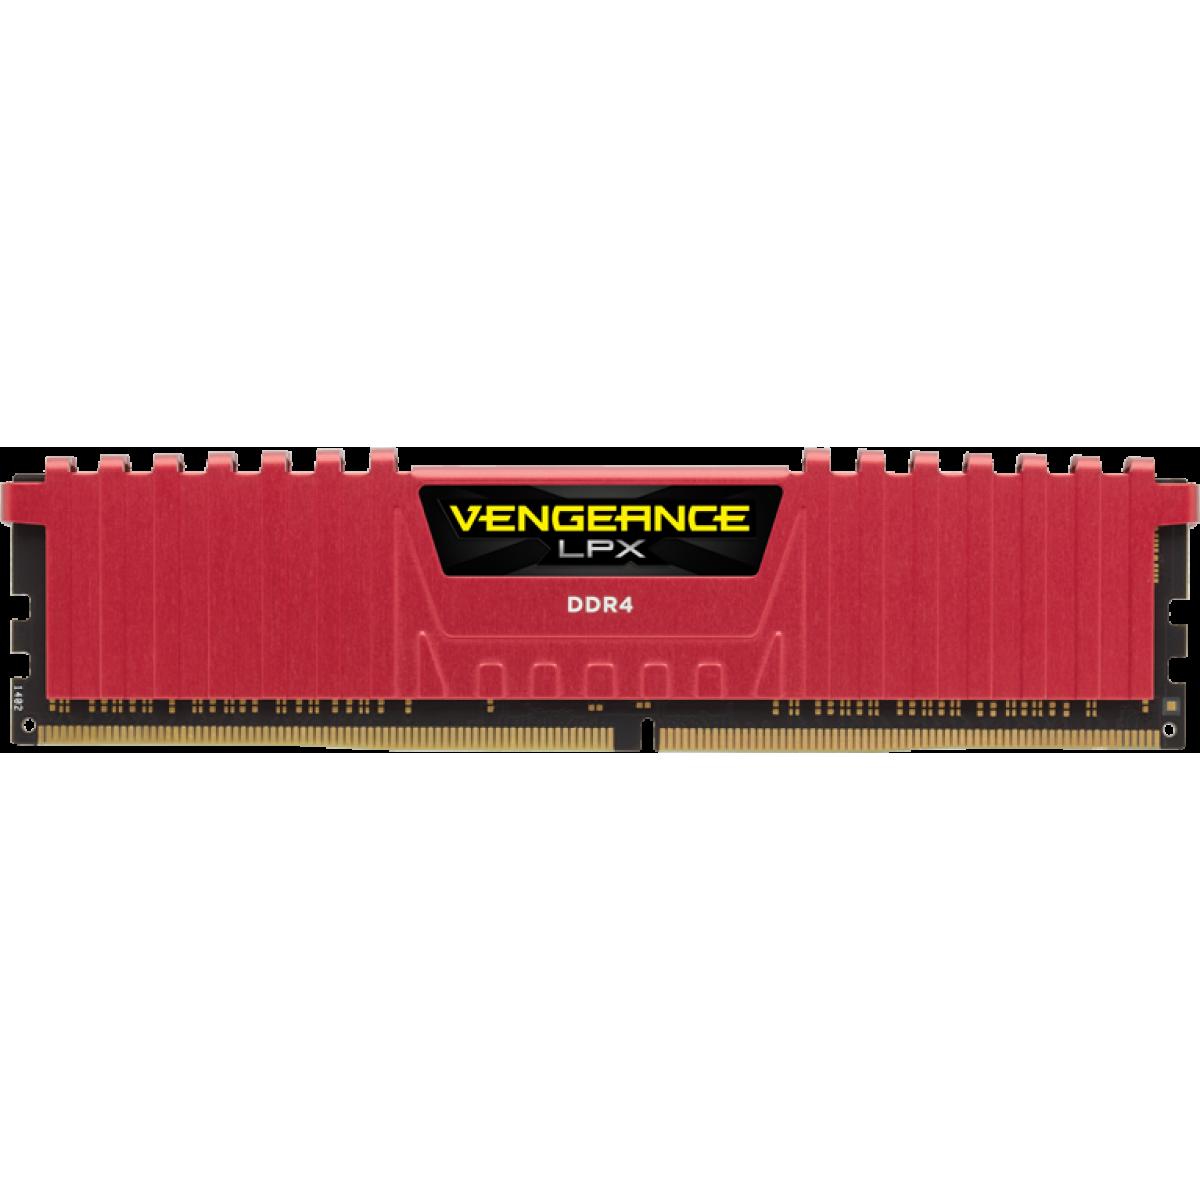 Memória DDR4 Corsair Vengeance LPX, 4GB 2400MHz, Red, CMK4GX4M1A2400C14R